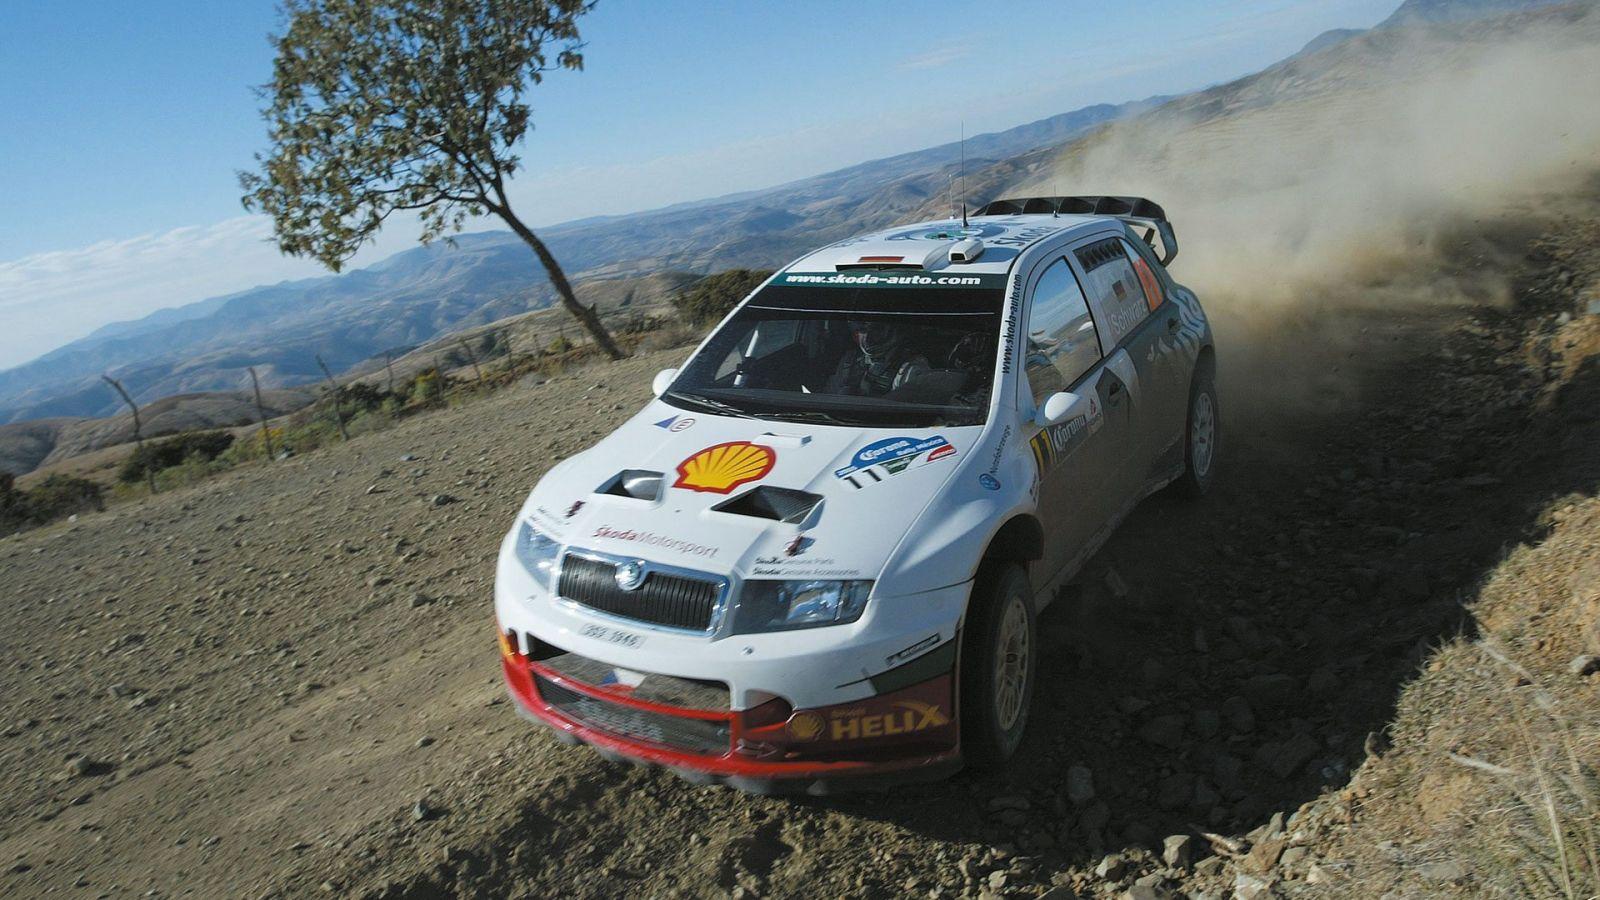 2005-rally-mexico-skoda-fabia-wrc